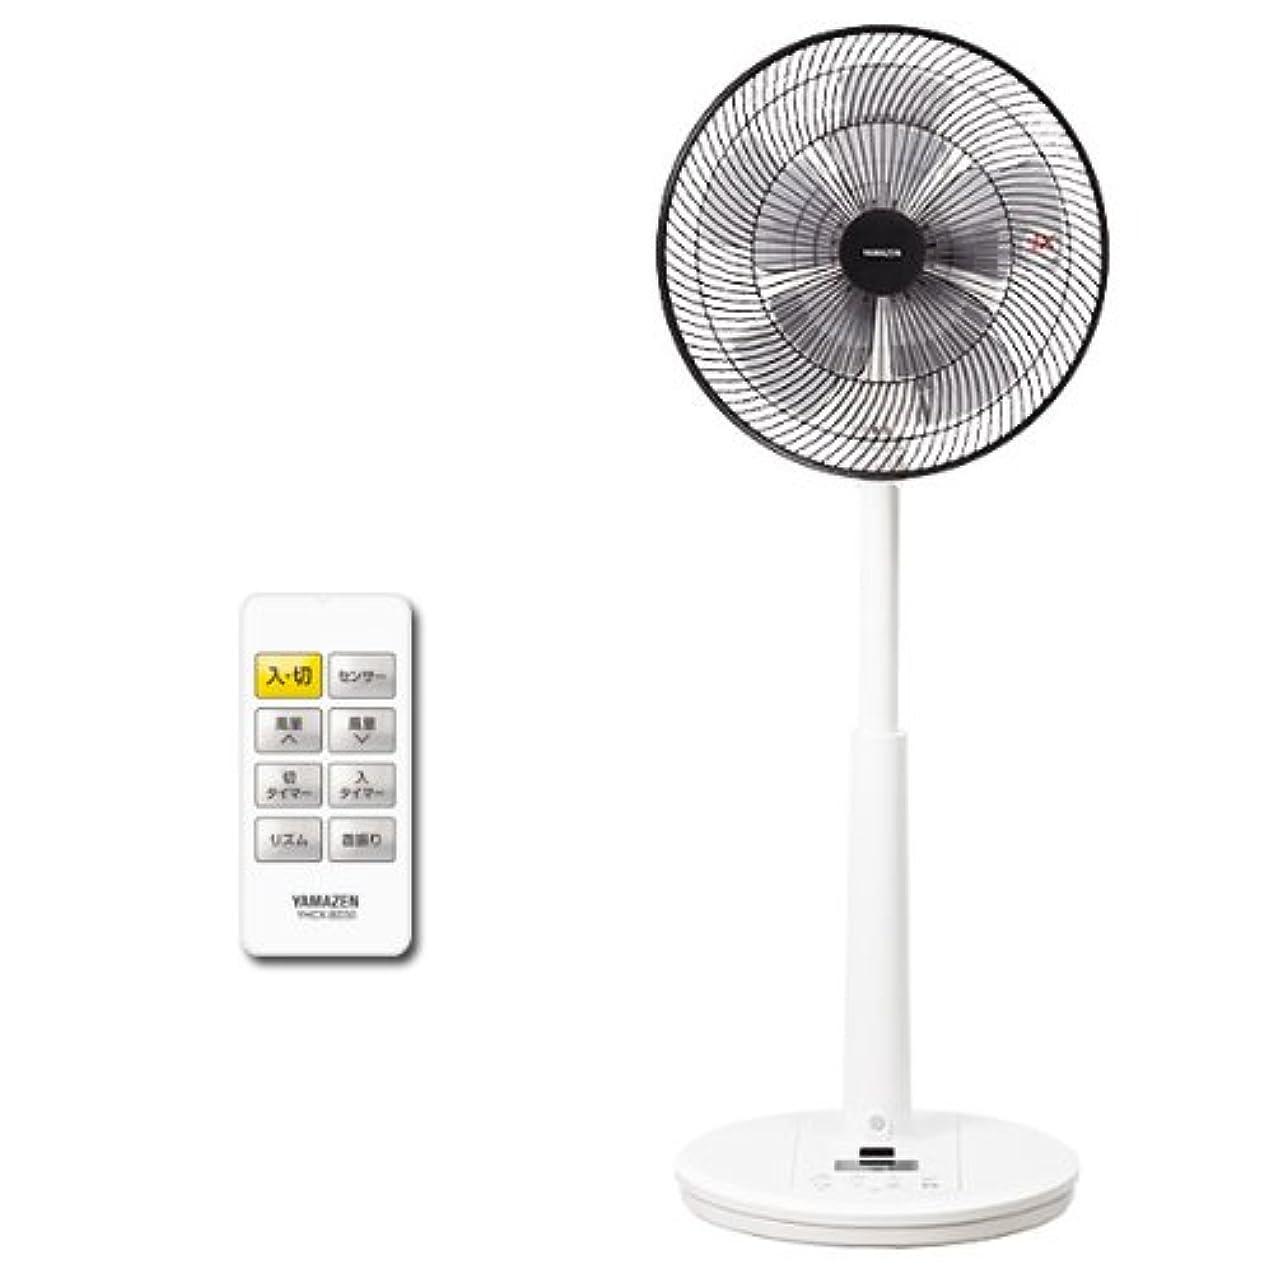 山善 (DCモーター搭載)30cmハイリビング扇風機&サーキュレーター(人体感知センサー?静音モード搭載)(リモコン)(風量8段階)入切タイマー付 ホワイト YHCX-BD30(W)